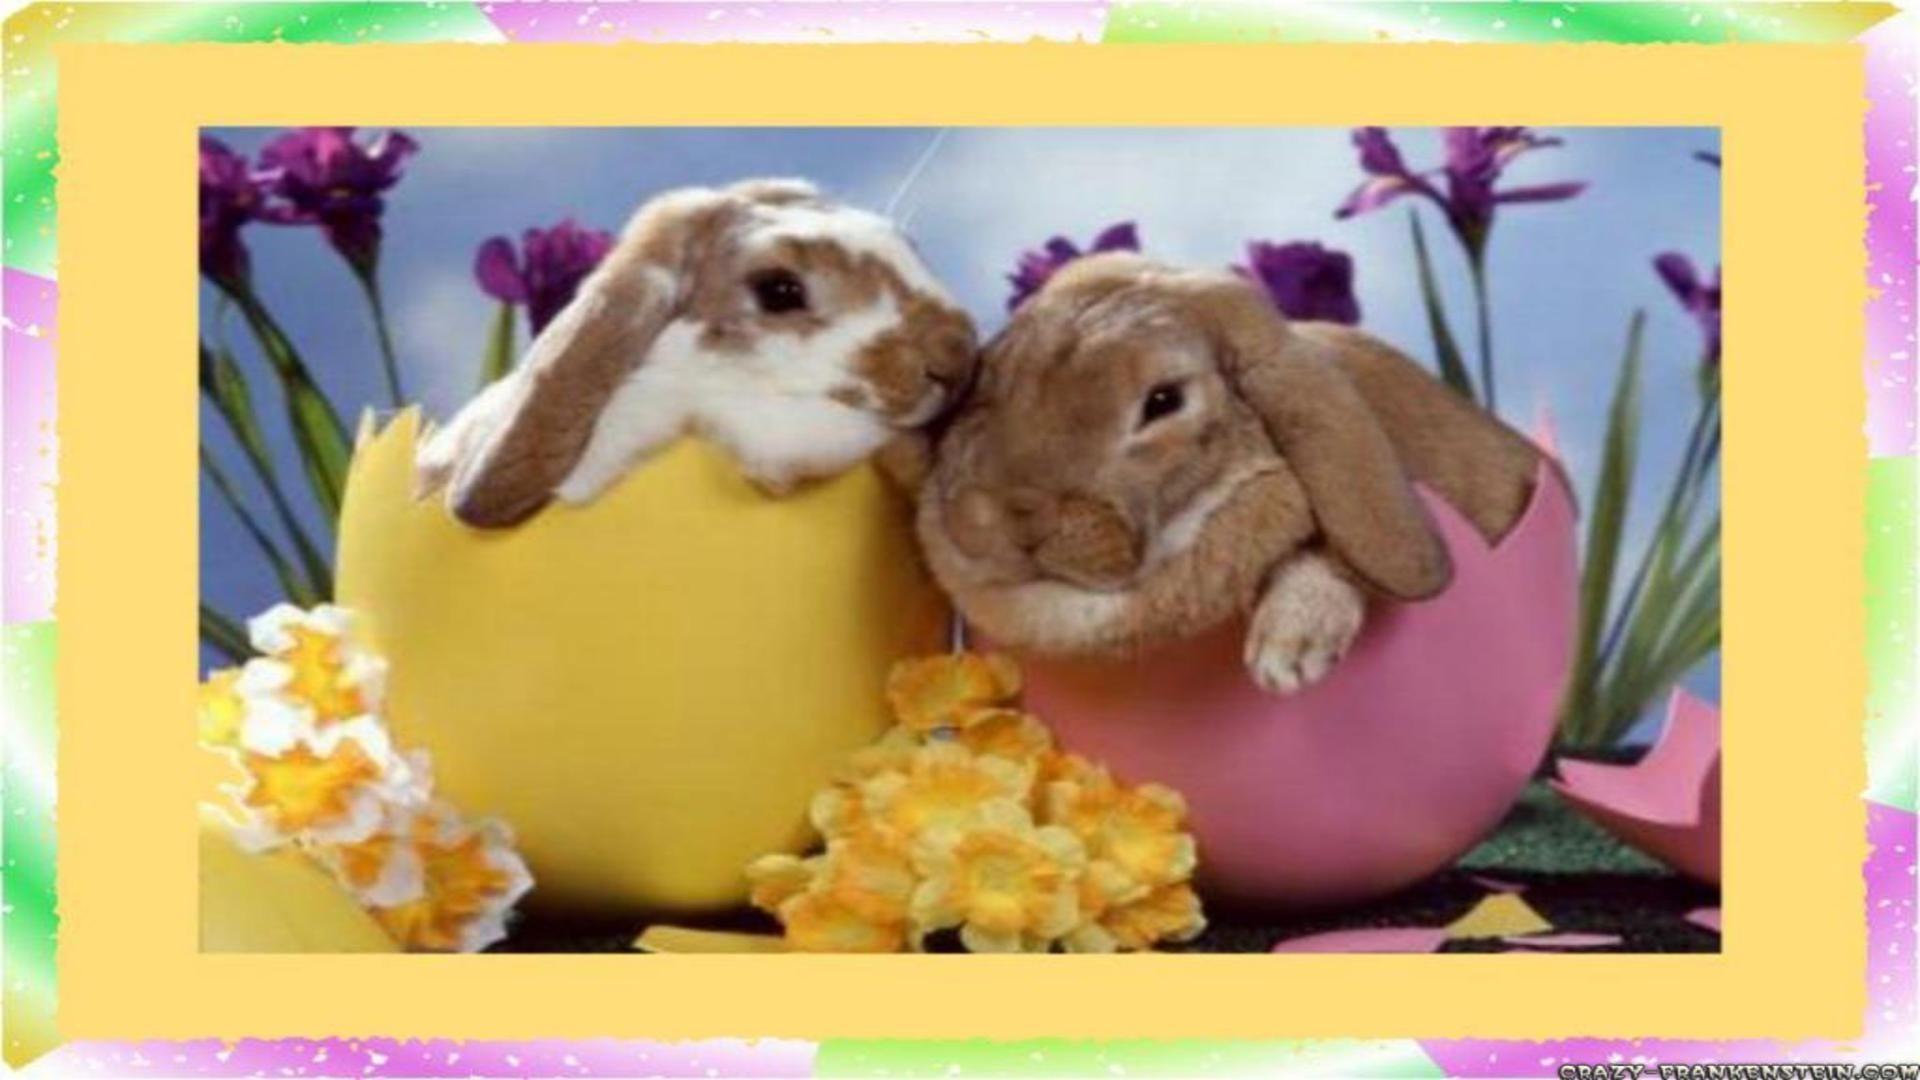 Free Easter Wallpaper For Desktop (06)